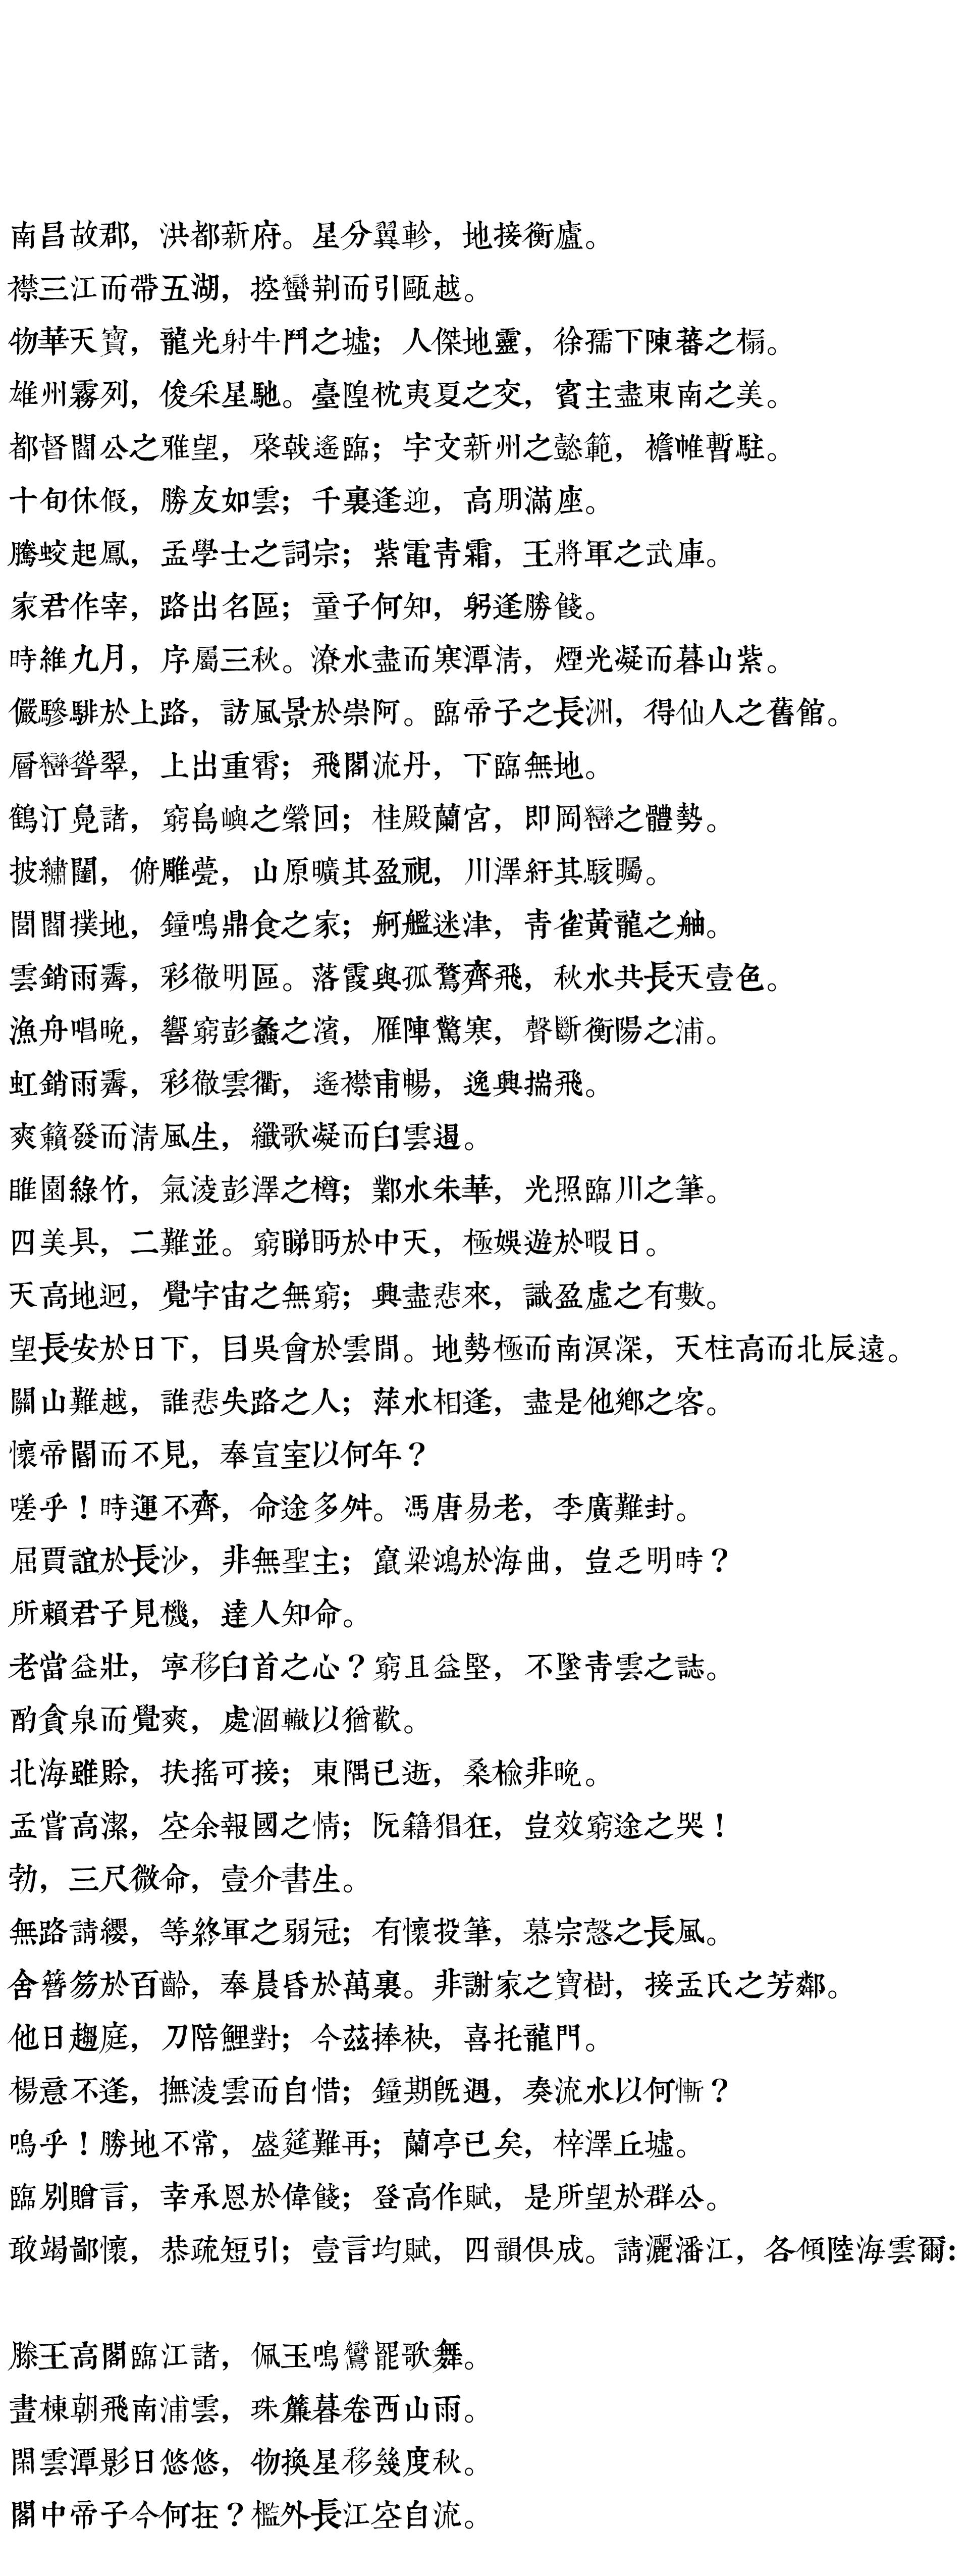 康熙字典体-滕王阁序-新.png